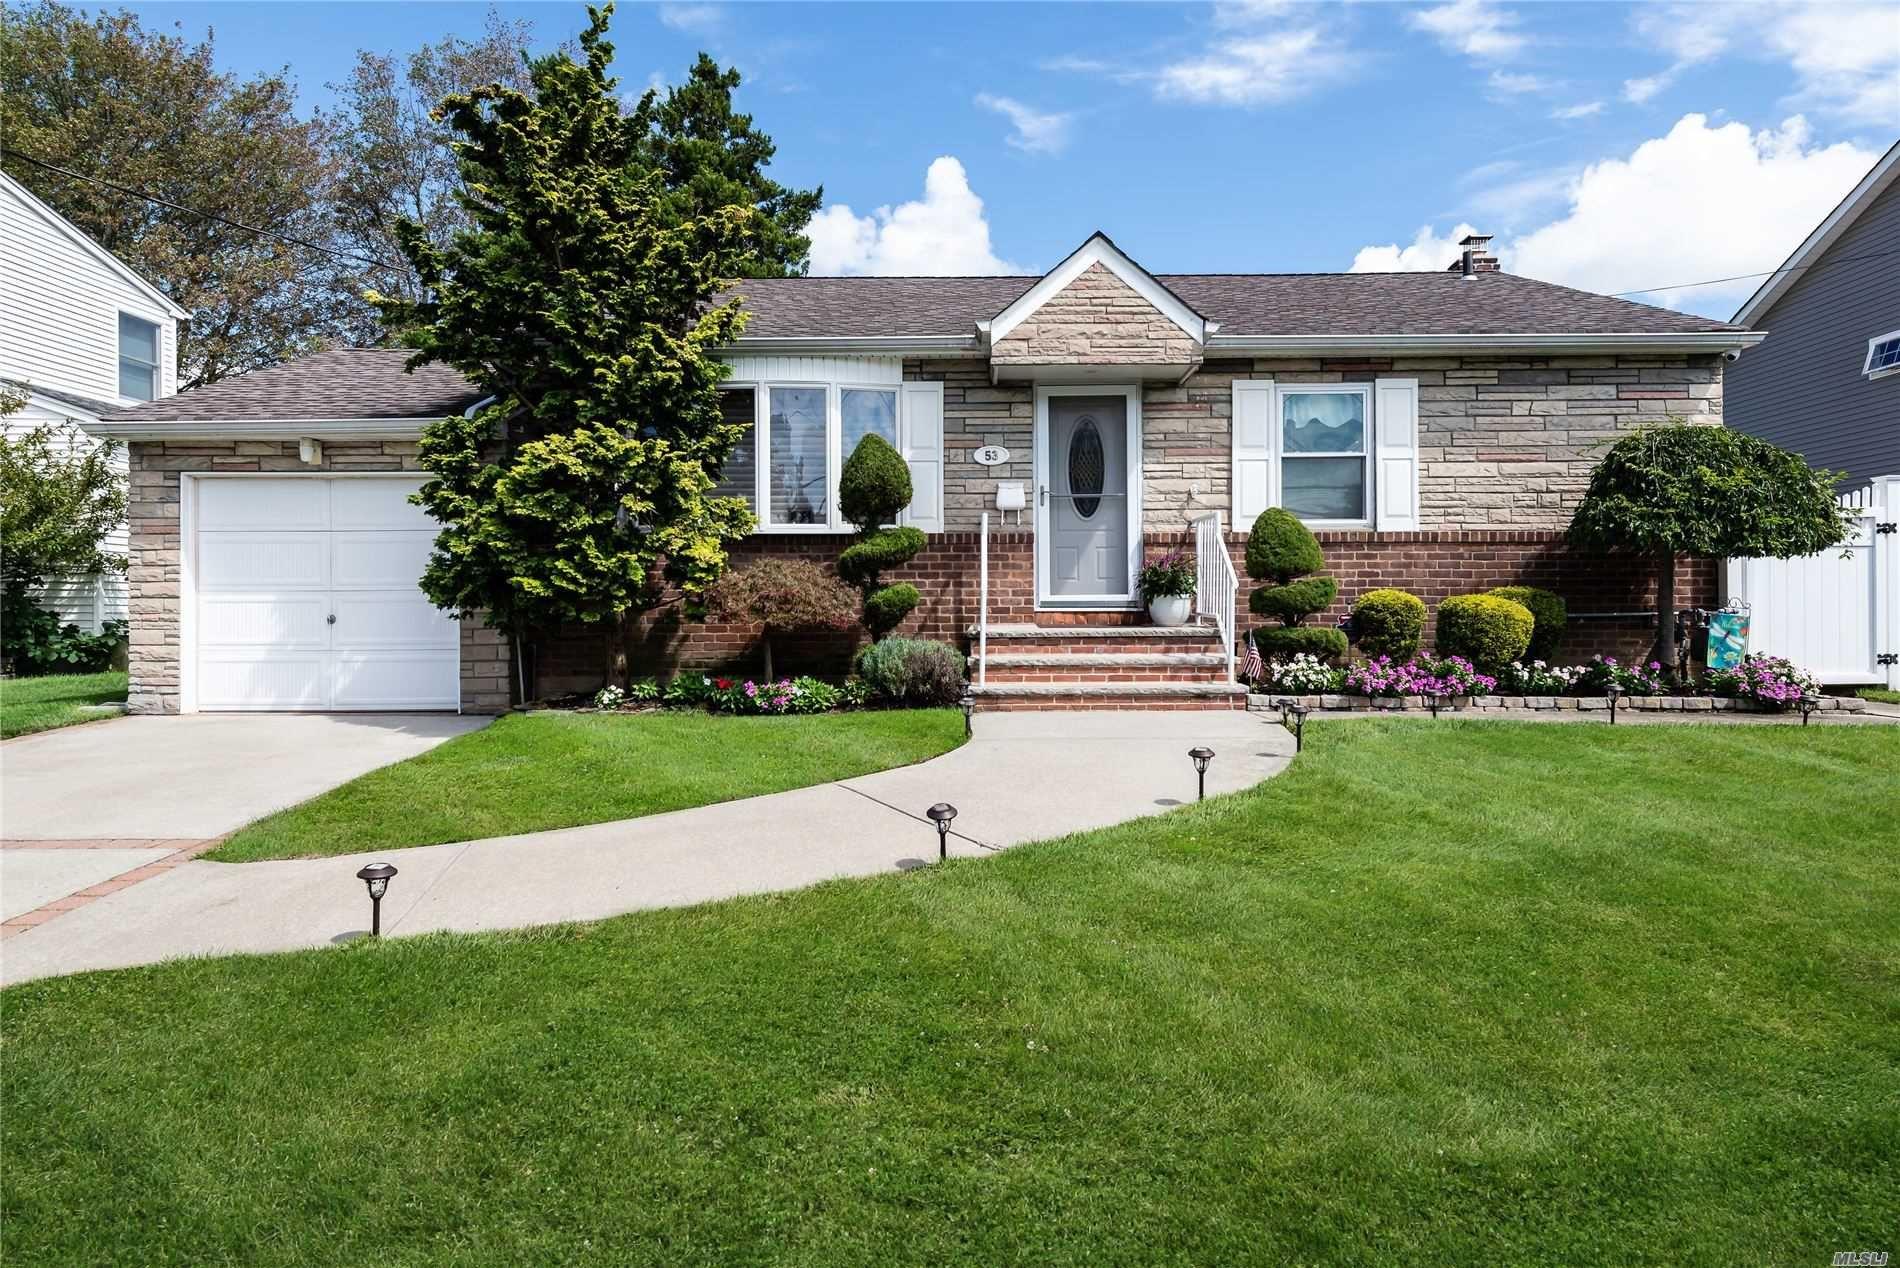 53 Spruce Street, Hicksville, NY 11801 - MLS#: 3248800